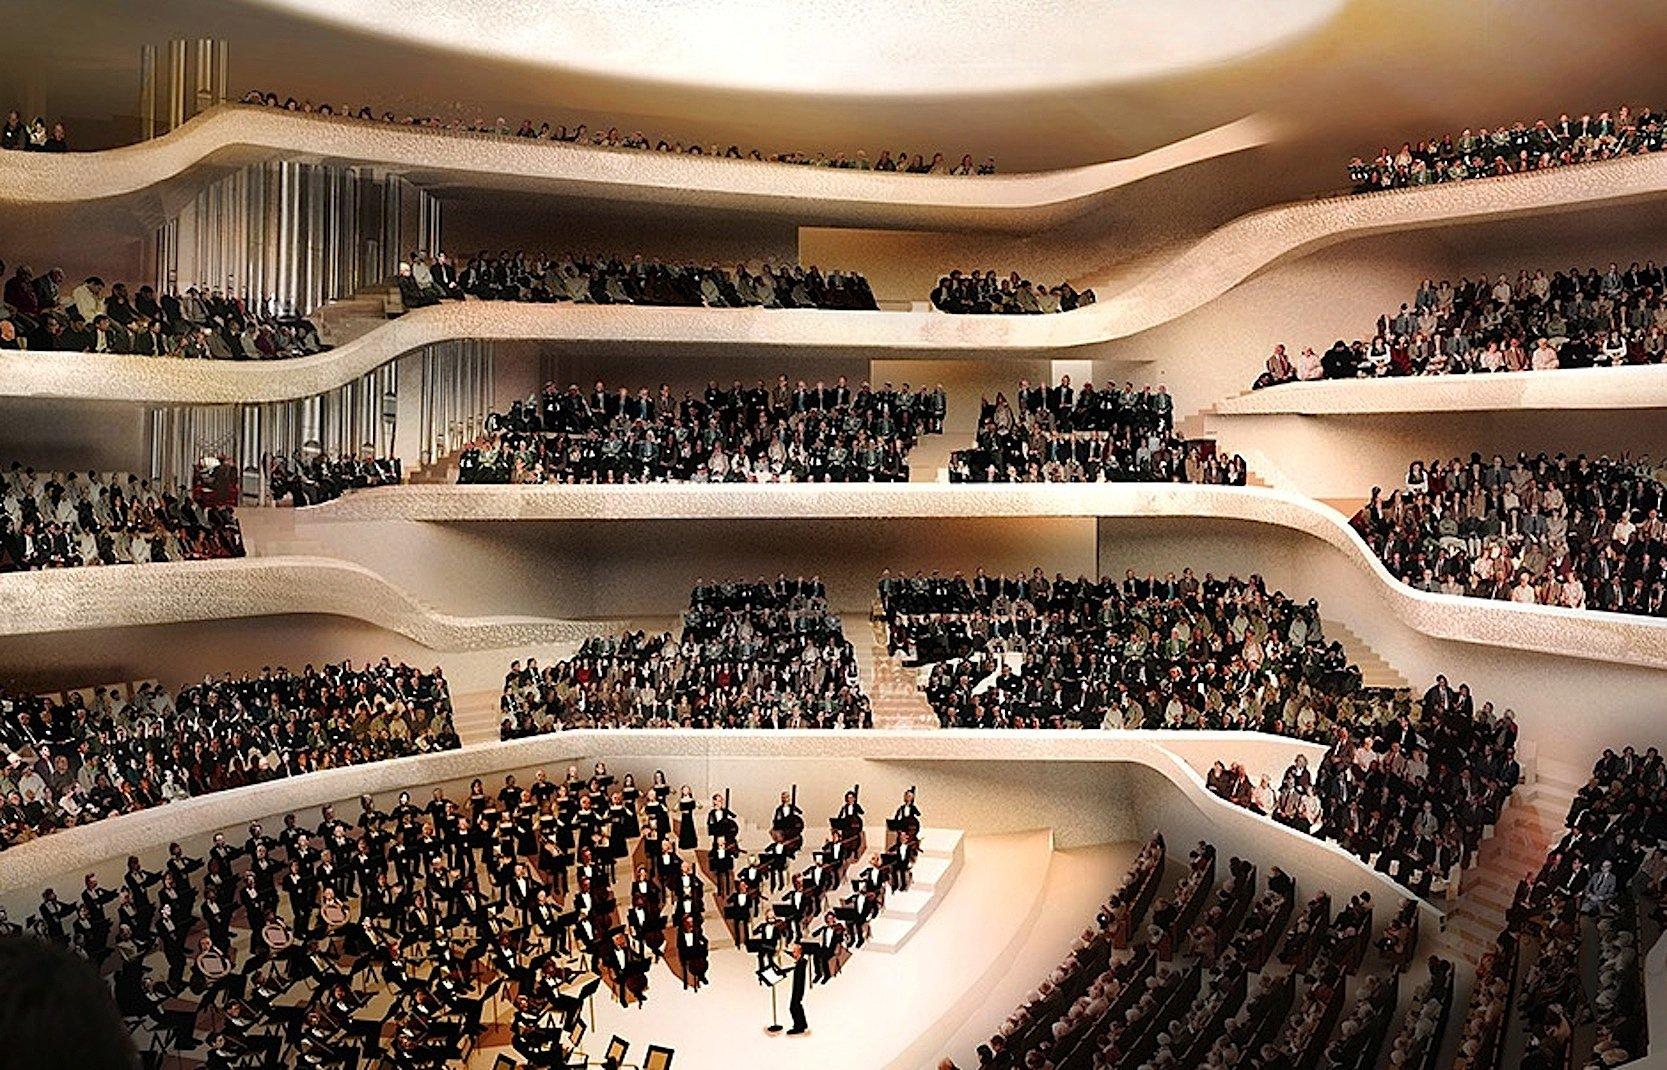 Ausschnitt des Großen Saales in der Elbphilharmonie: Deutlich zu erkennen ist links im Hintergrund ein Teil der Orgel, die aus4765 Pfeifen besteht. Diese sind auf vier Terrassen im Raum verteilt und stehen zum Teil direkt neben den Zuschauerplätzen.